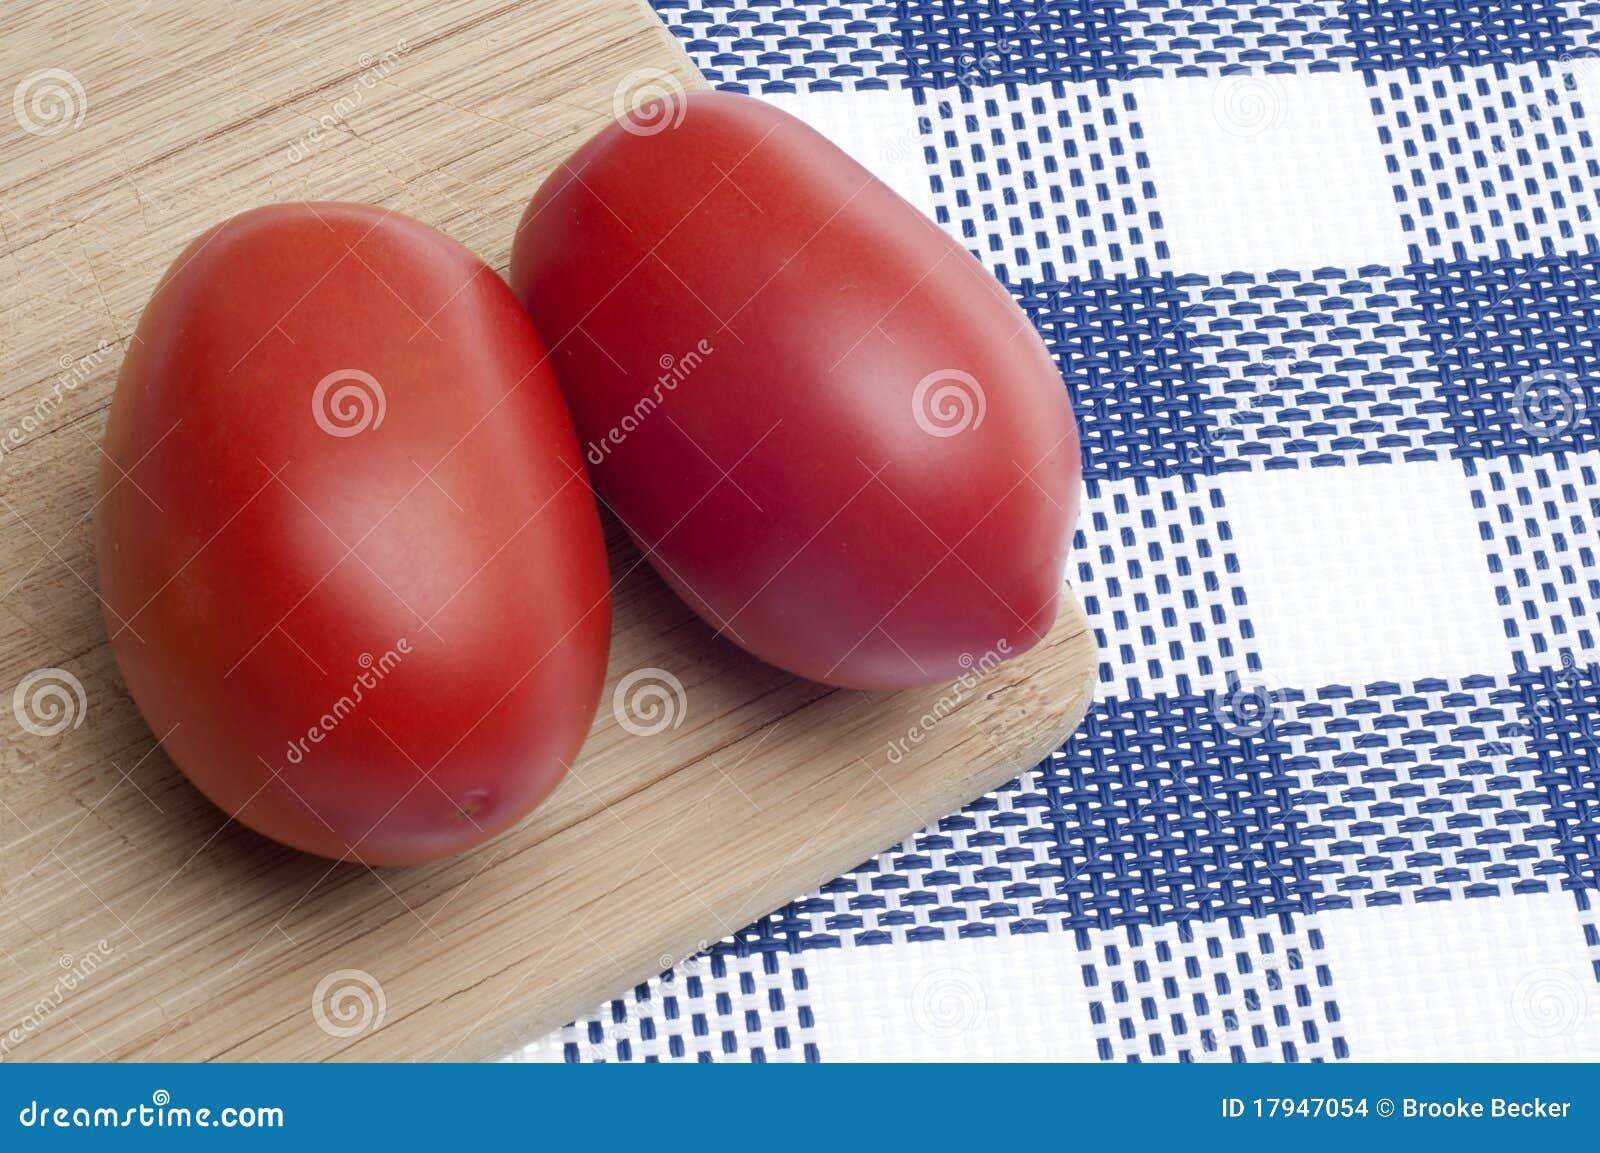 Pair of Fresh Roma Tomatoes